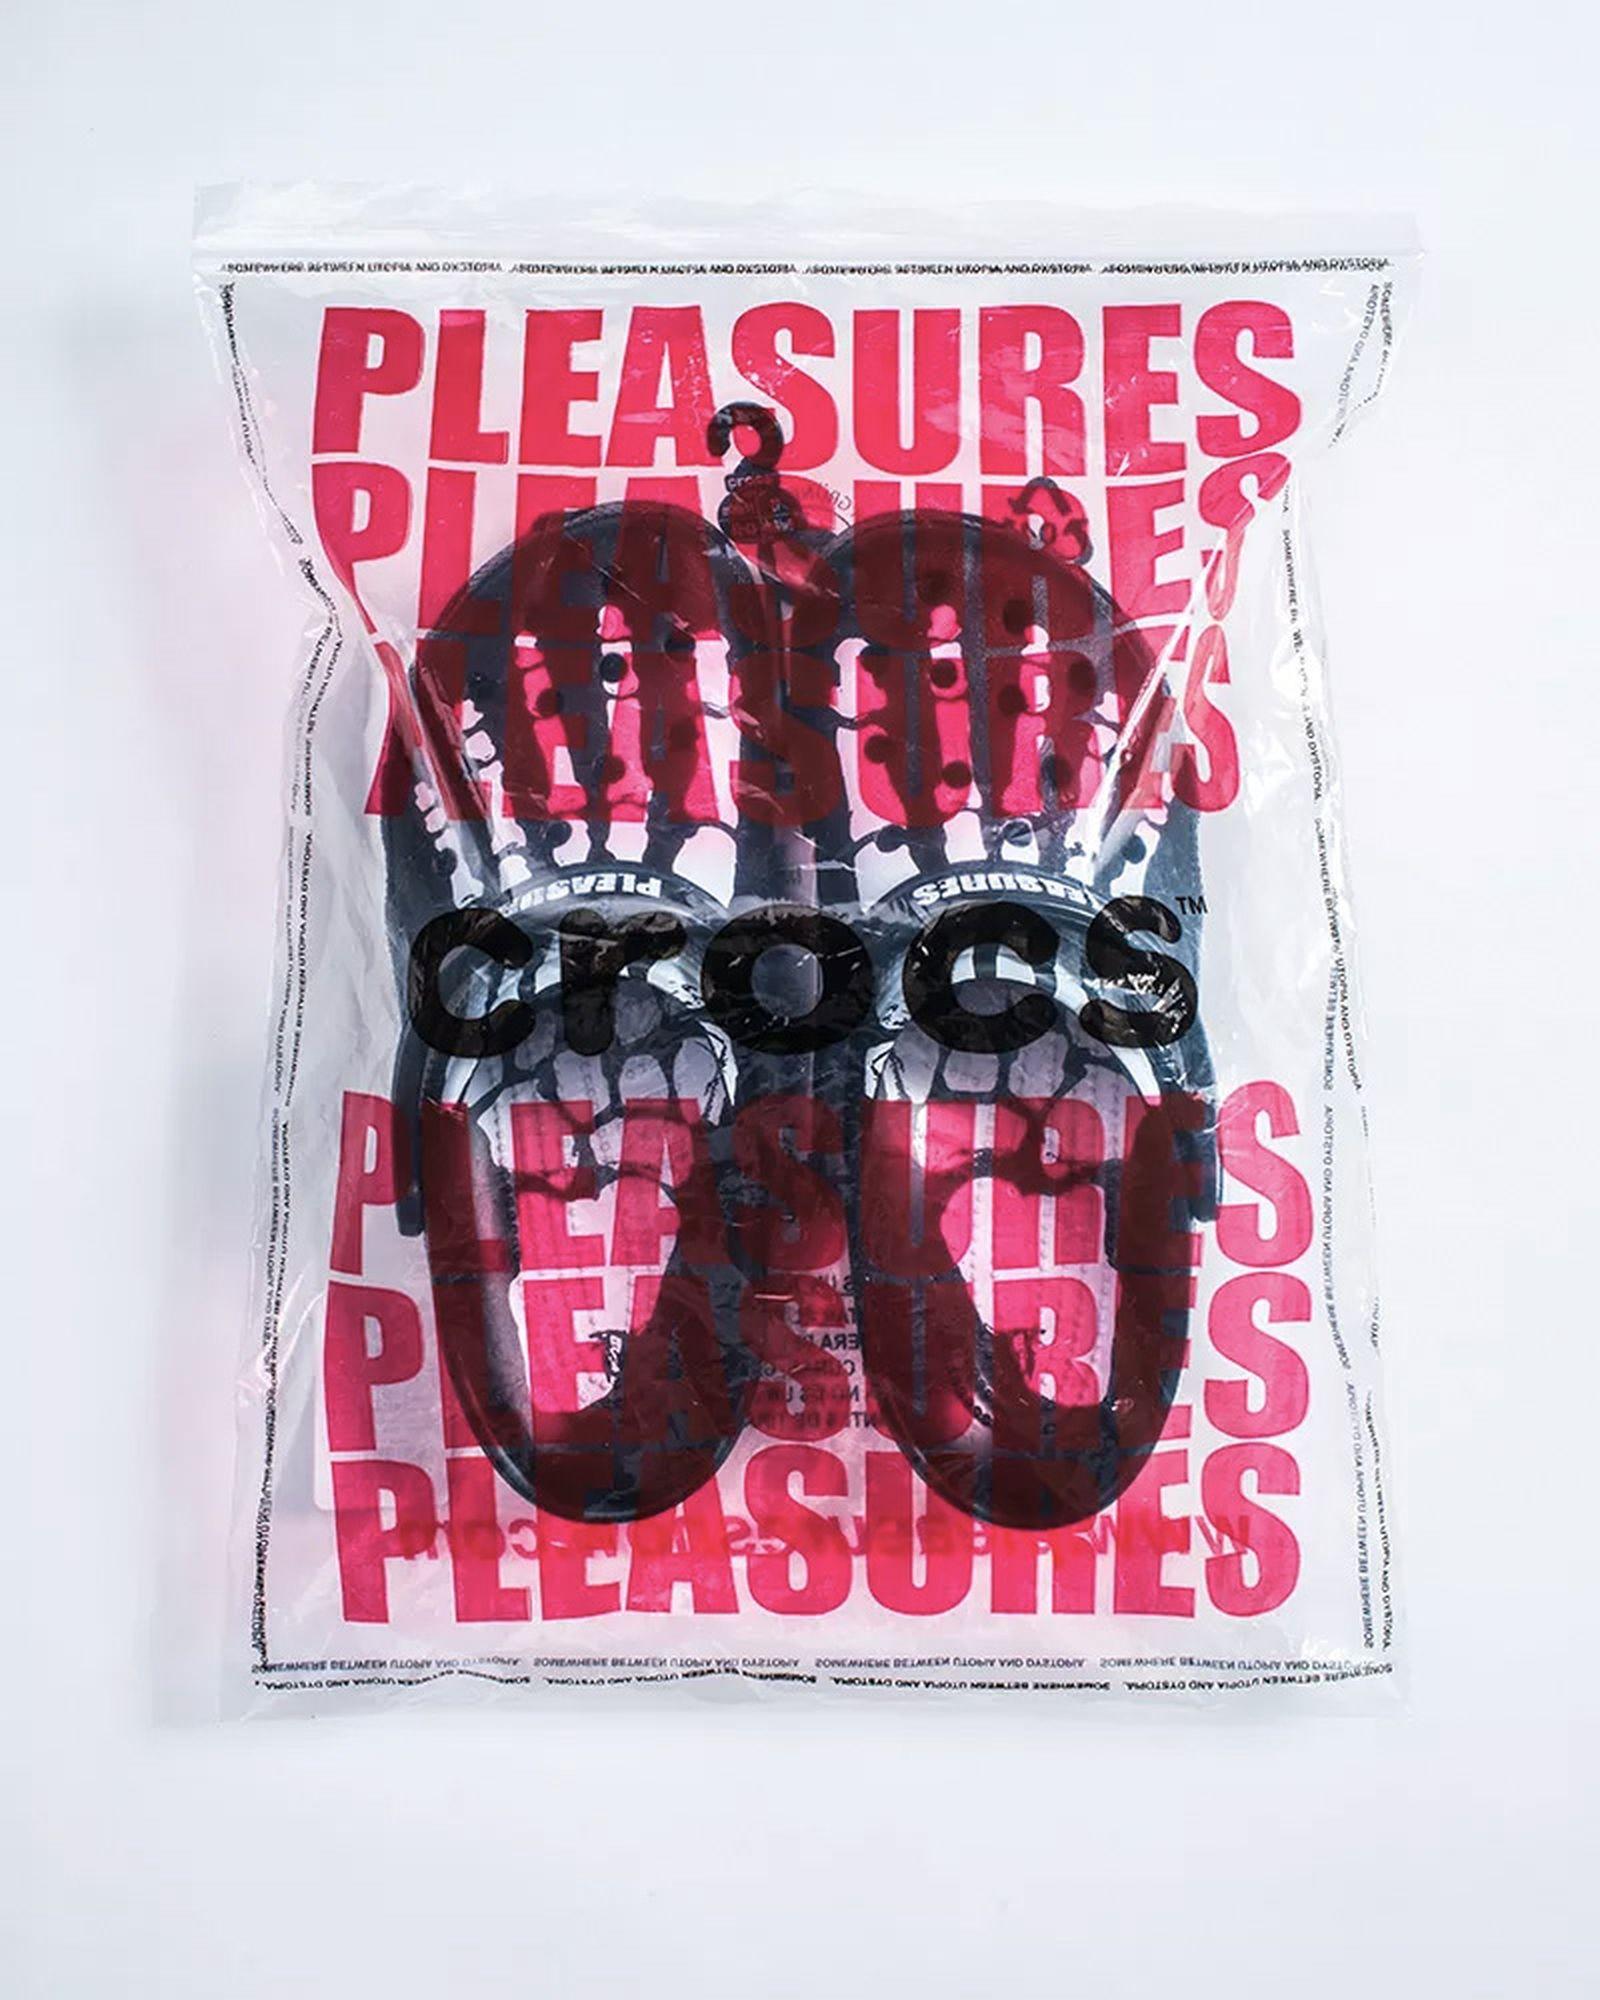 pleasures crocs release date price